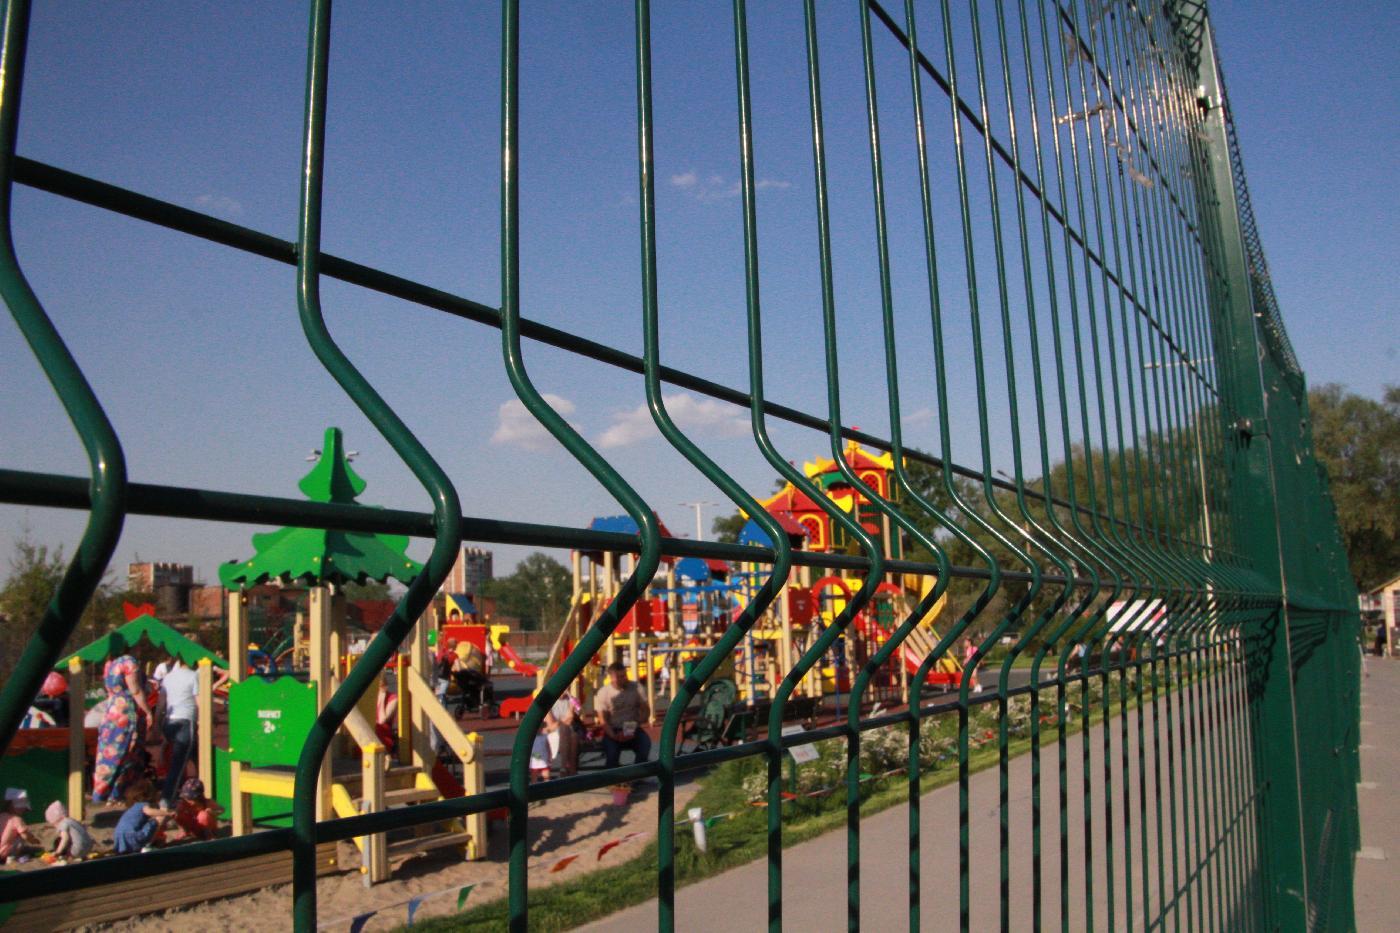 Детская площадка за забором